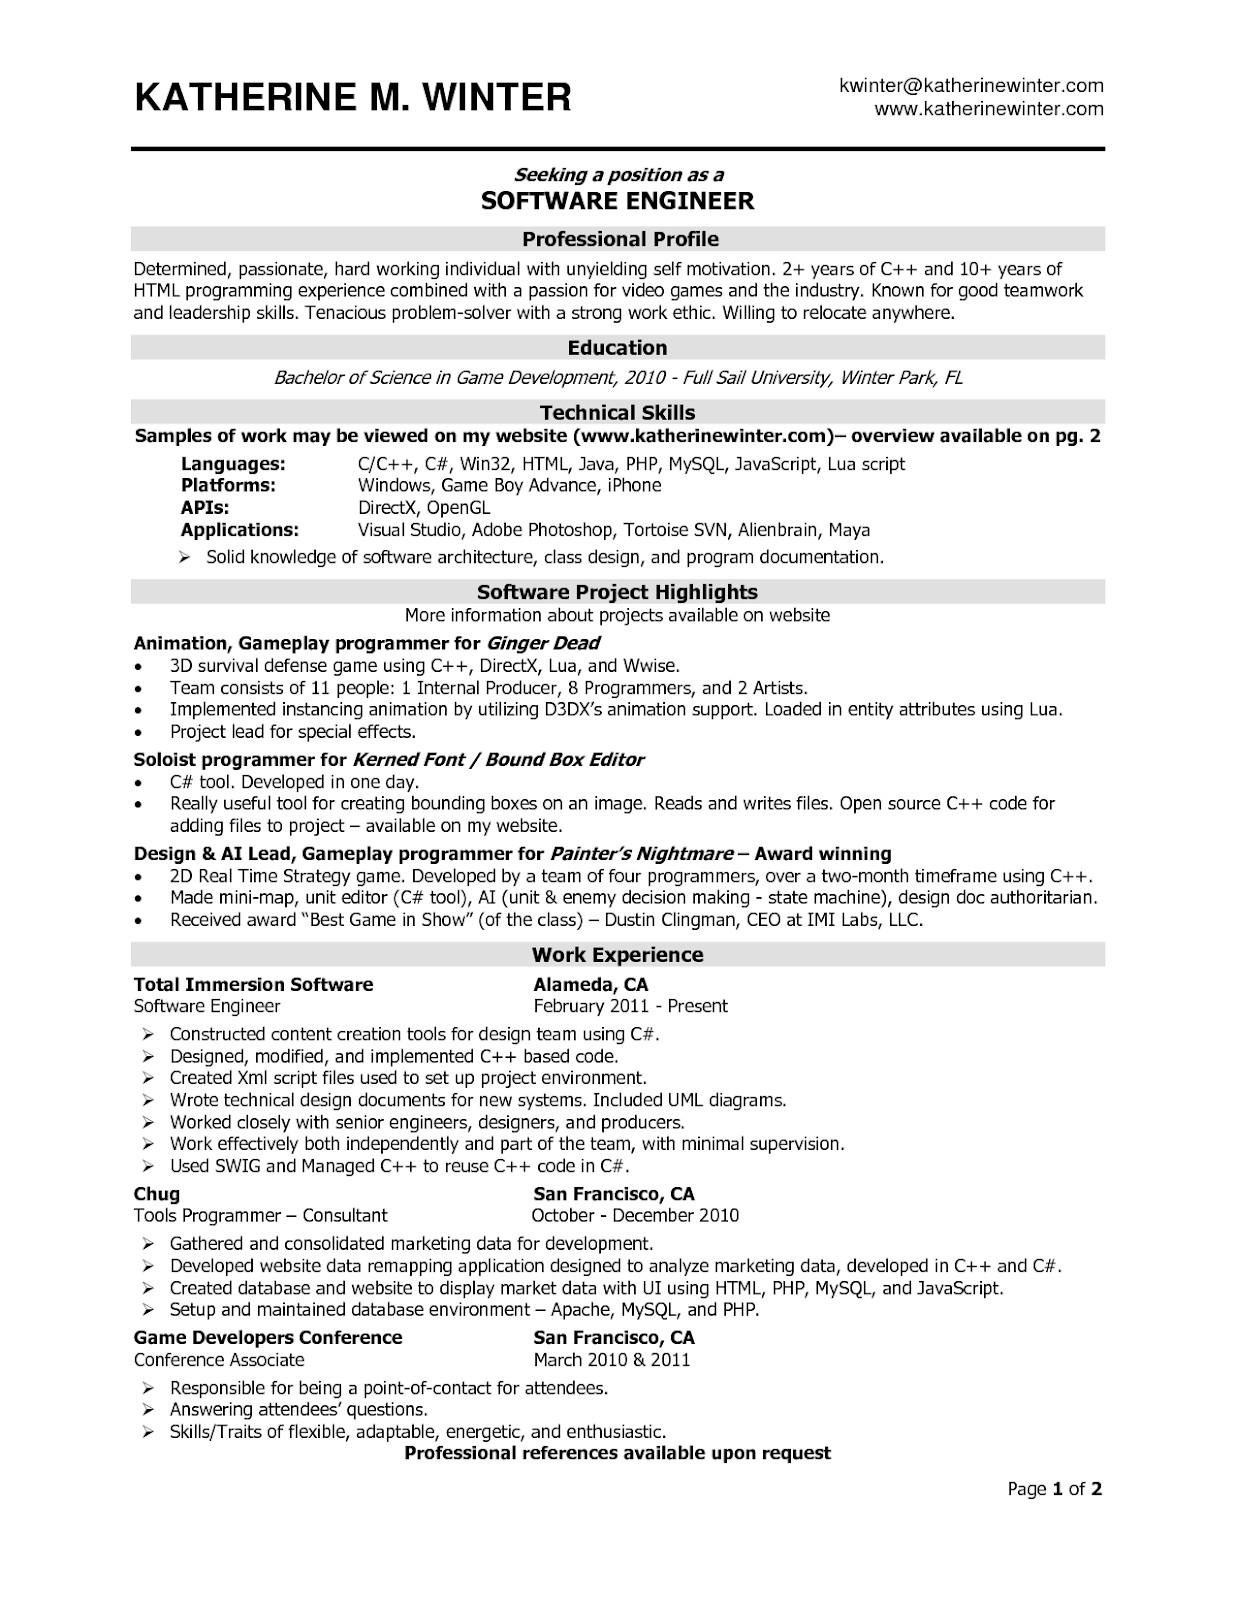 Software Engineering Resume Template software Engineer Resume Samples